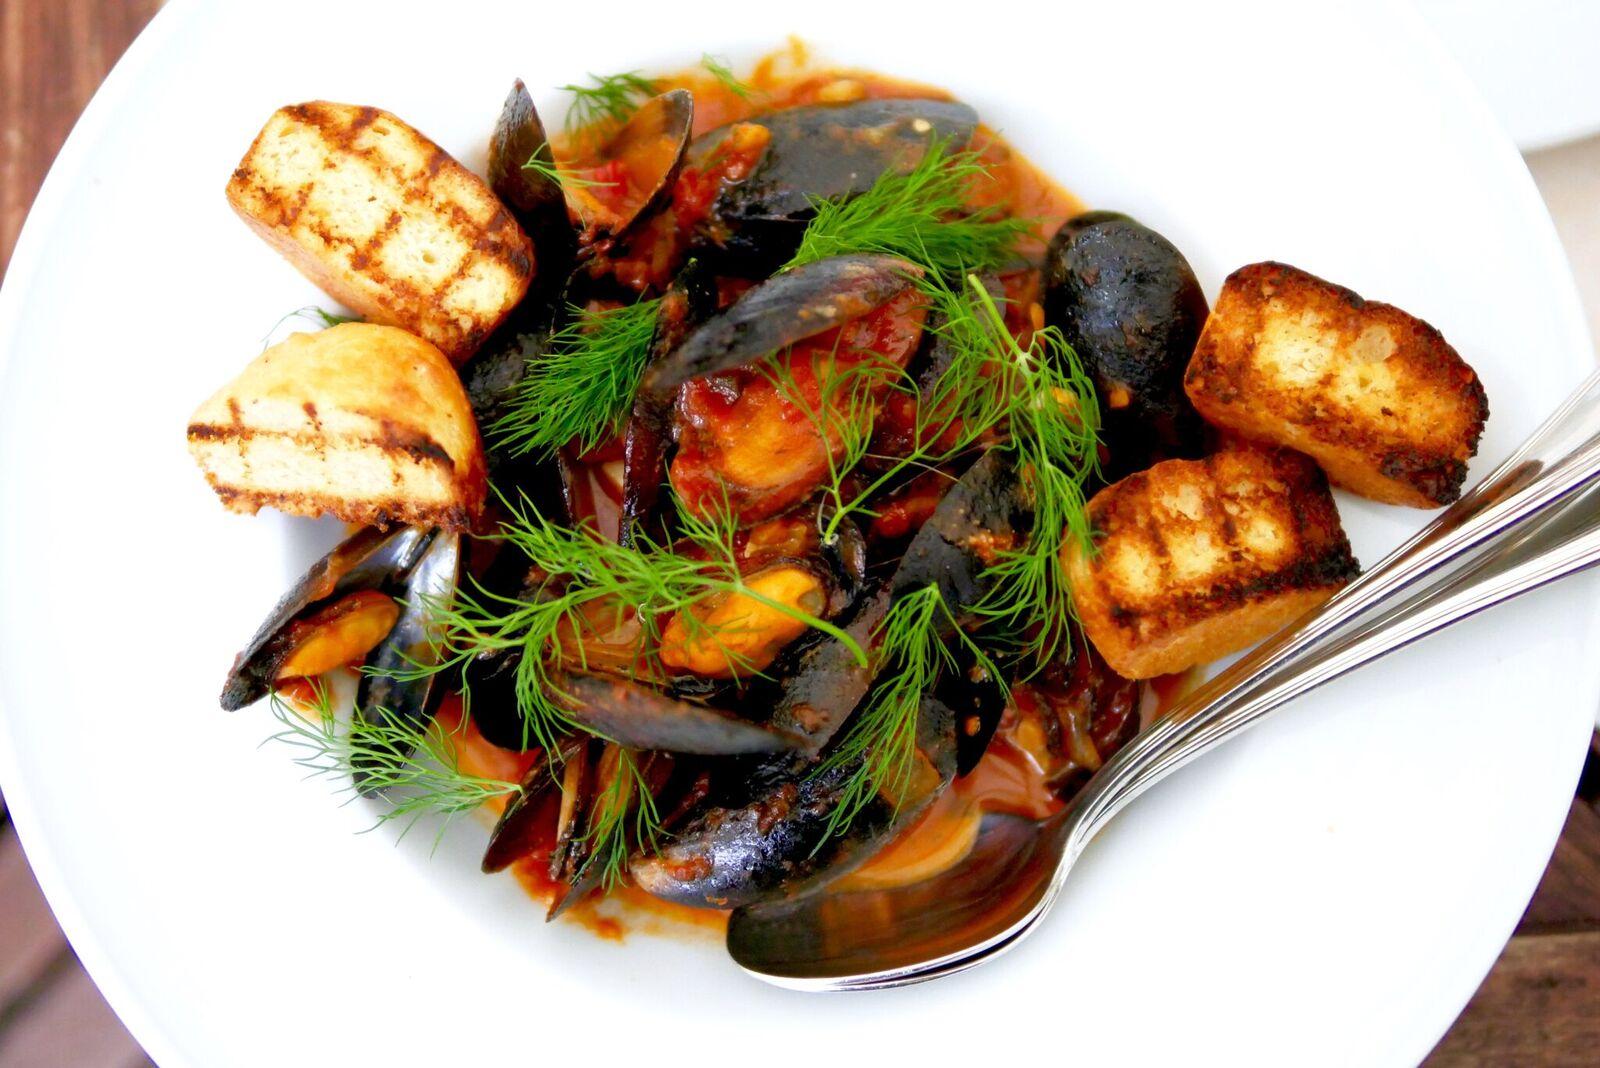 ....  Sinimerekarbid tomati-veinikastmes 12€  Meile väga meeldis Itaaliapärane tomati-veinikaste, mis võrreldes populaarse koorekastmega sinimerekarpidel mõjub maheda ja kergena. Kõrvale lisatud krõbe sai on ideaalne, et ka kogu maitsev kaste kausist kätte saada. Jällegi üks klassika!  ..  Mussels in tomato-wine sauce 12€  You can often get mussels in a creamy white sauce in restaurants, but to be honest this red tomato-wine sauce is just as pleasing as the creamy one - tastes even lighter! We recommend you enjoy this sauce with the crunchy bread, which you can also find on your plate!  ....